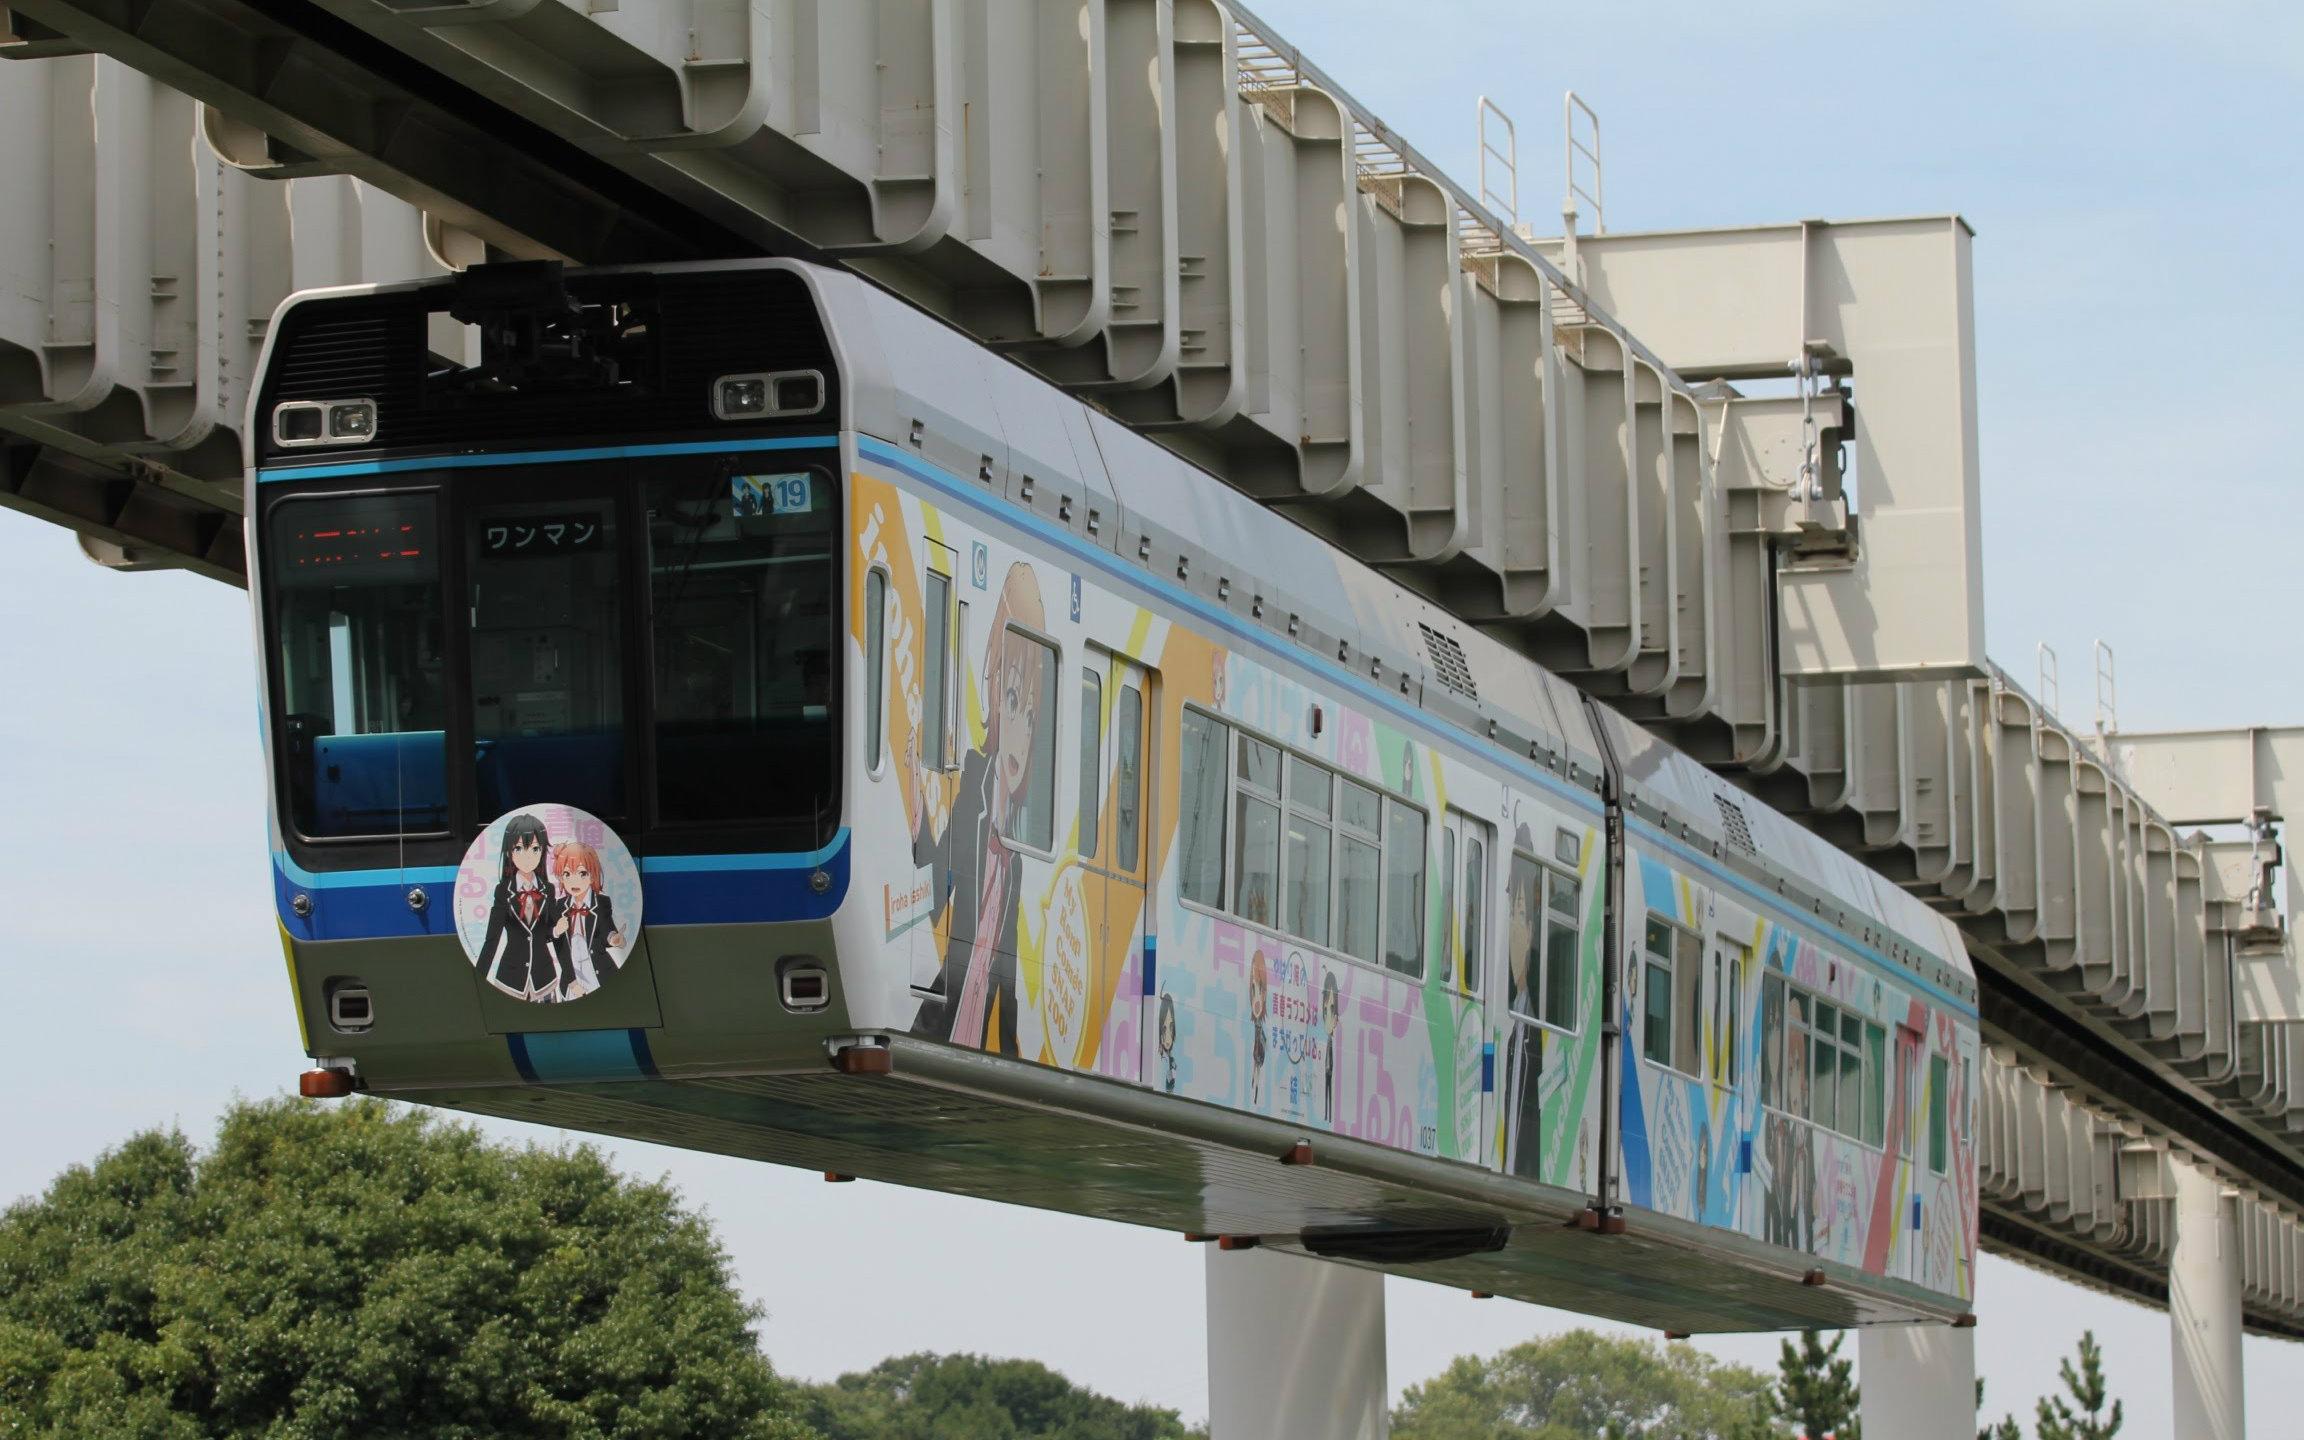 【千叶都市单轨】春物单轨电车专列 千叶中央港——千图片